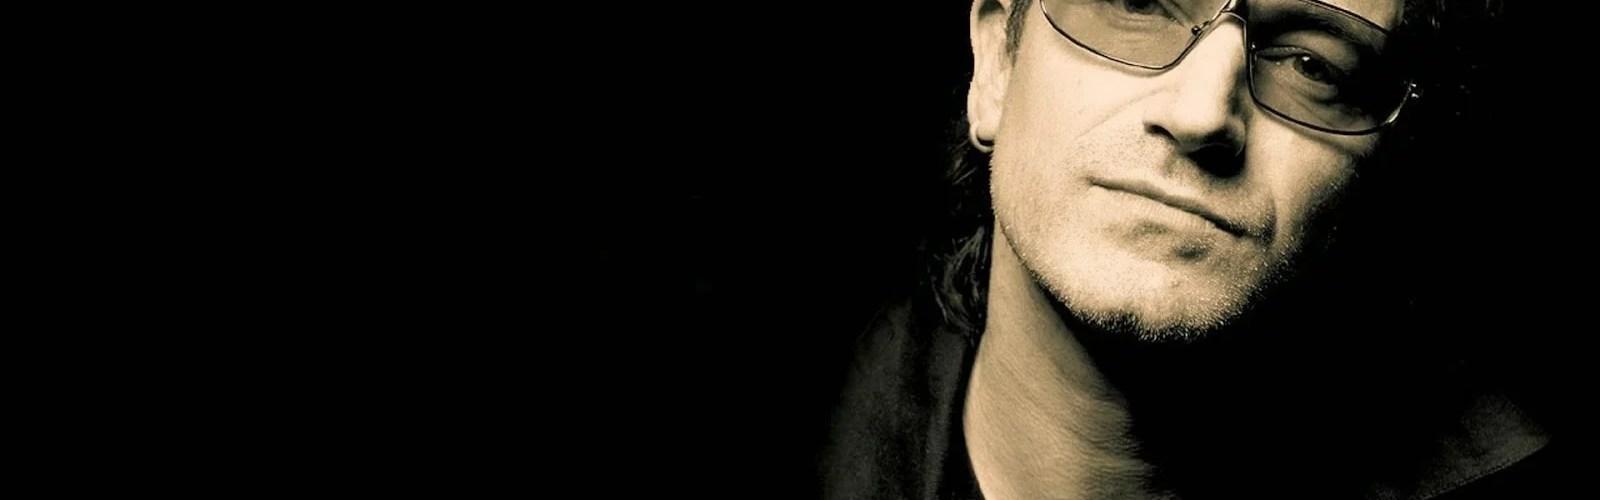 """bono vox vocalista da banda u2 wallpaper 1600x1000 - Depois de 6 anos """"U2"""" voltou ao Brasil sem o ORKUT, sem beijo e sem Globo"""